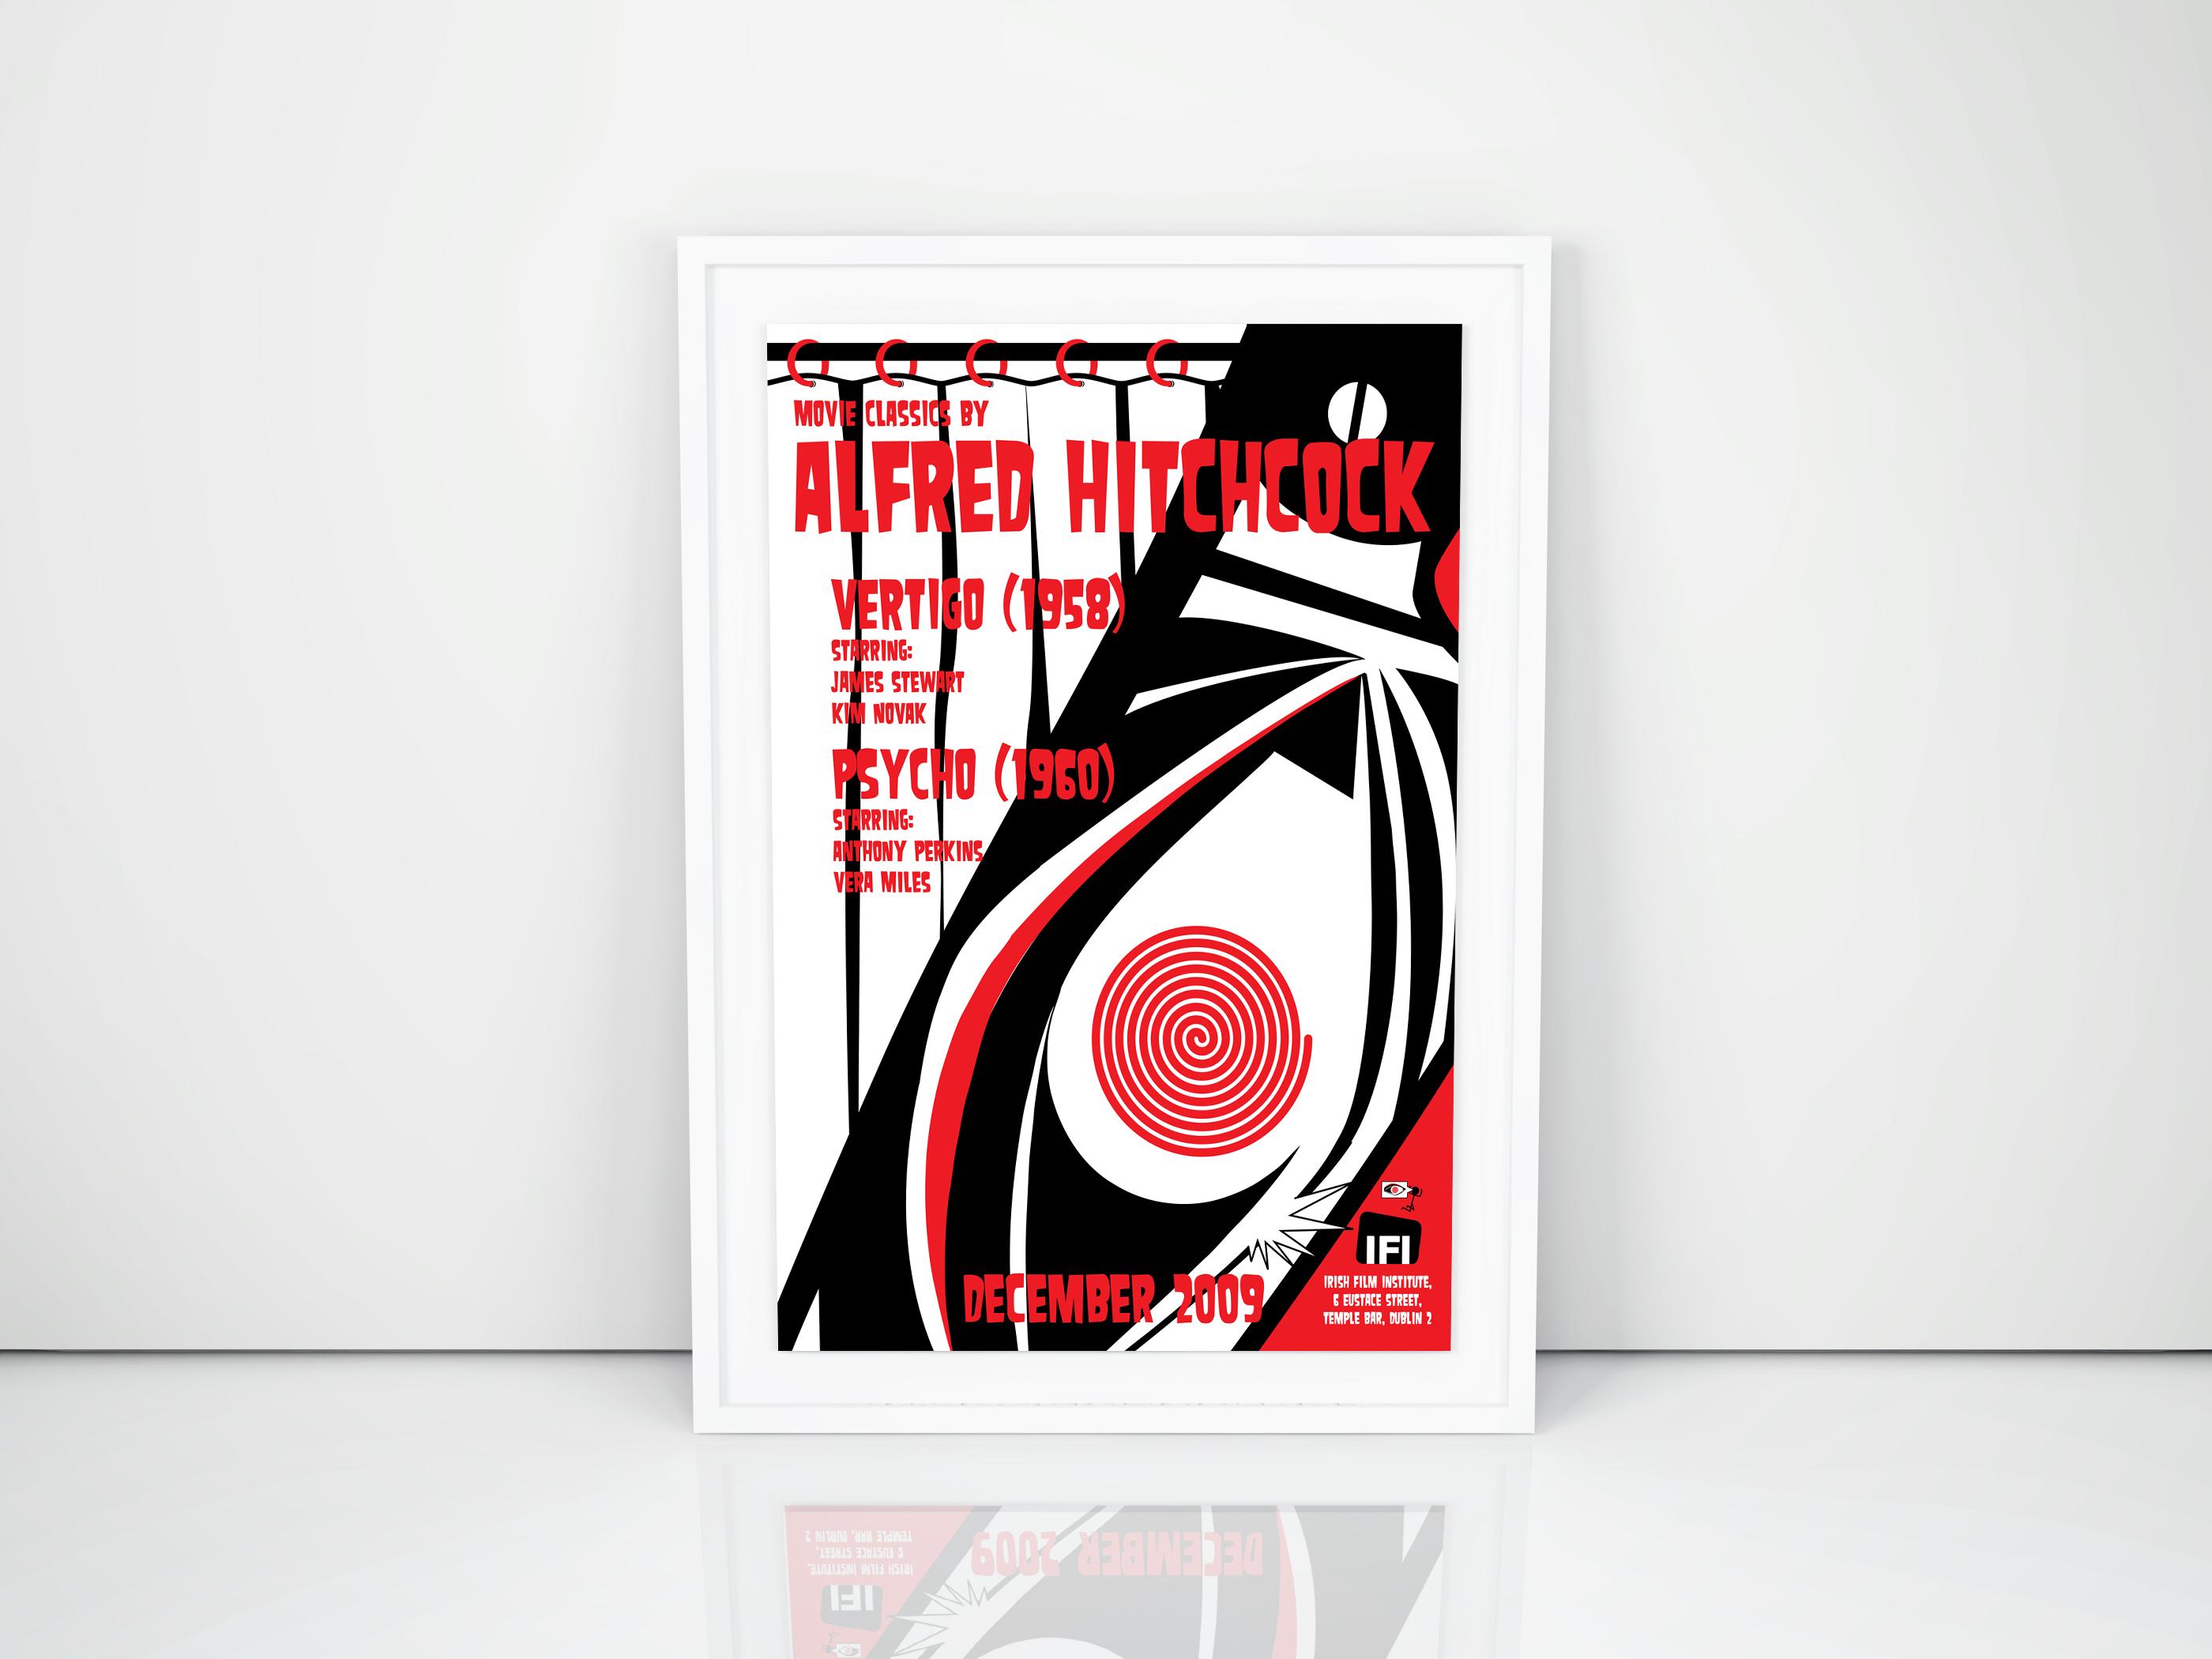 graphic design, digital agency, Dublin, design, logo design, stationary, business cards, media